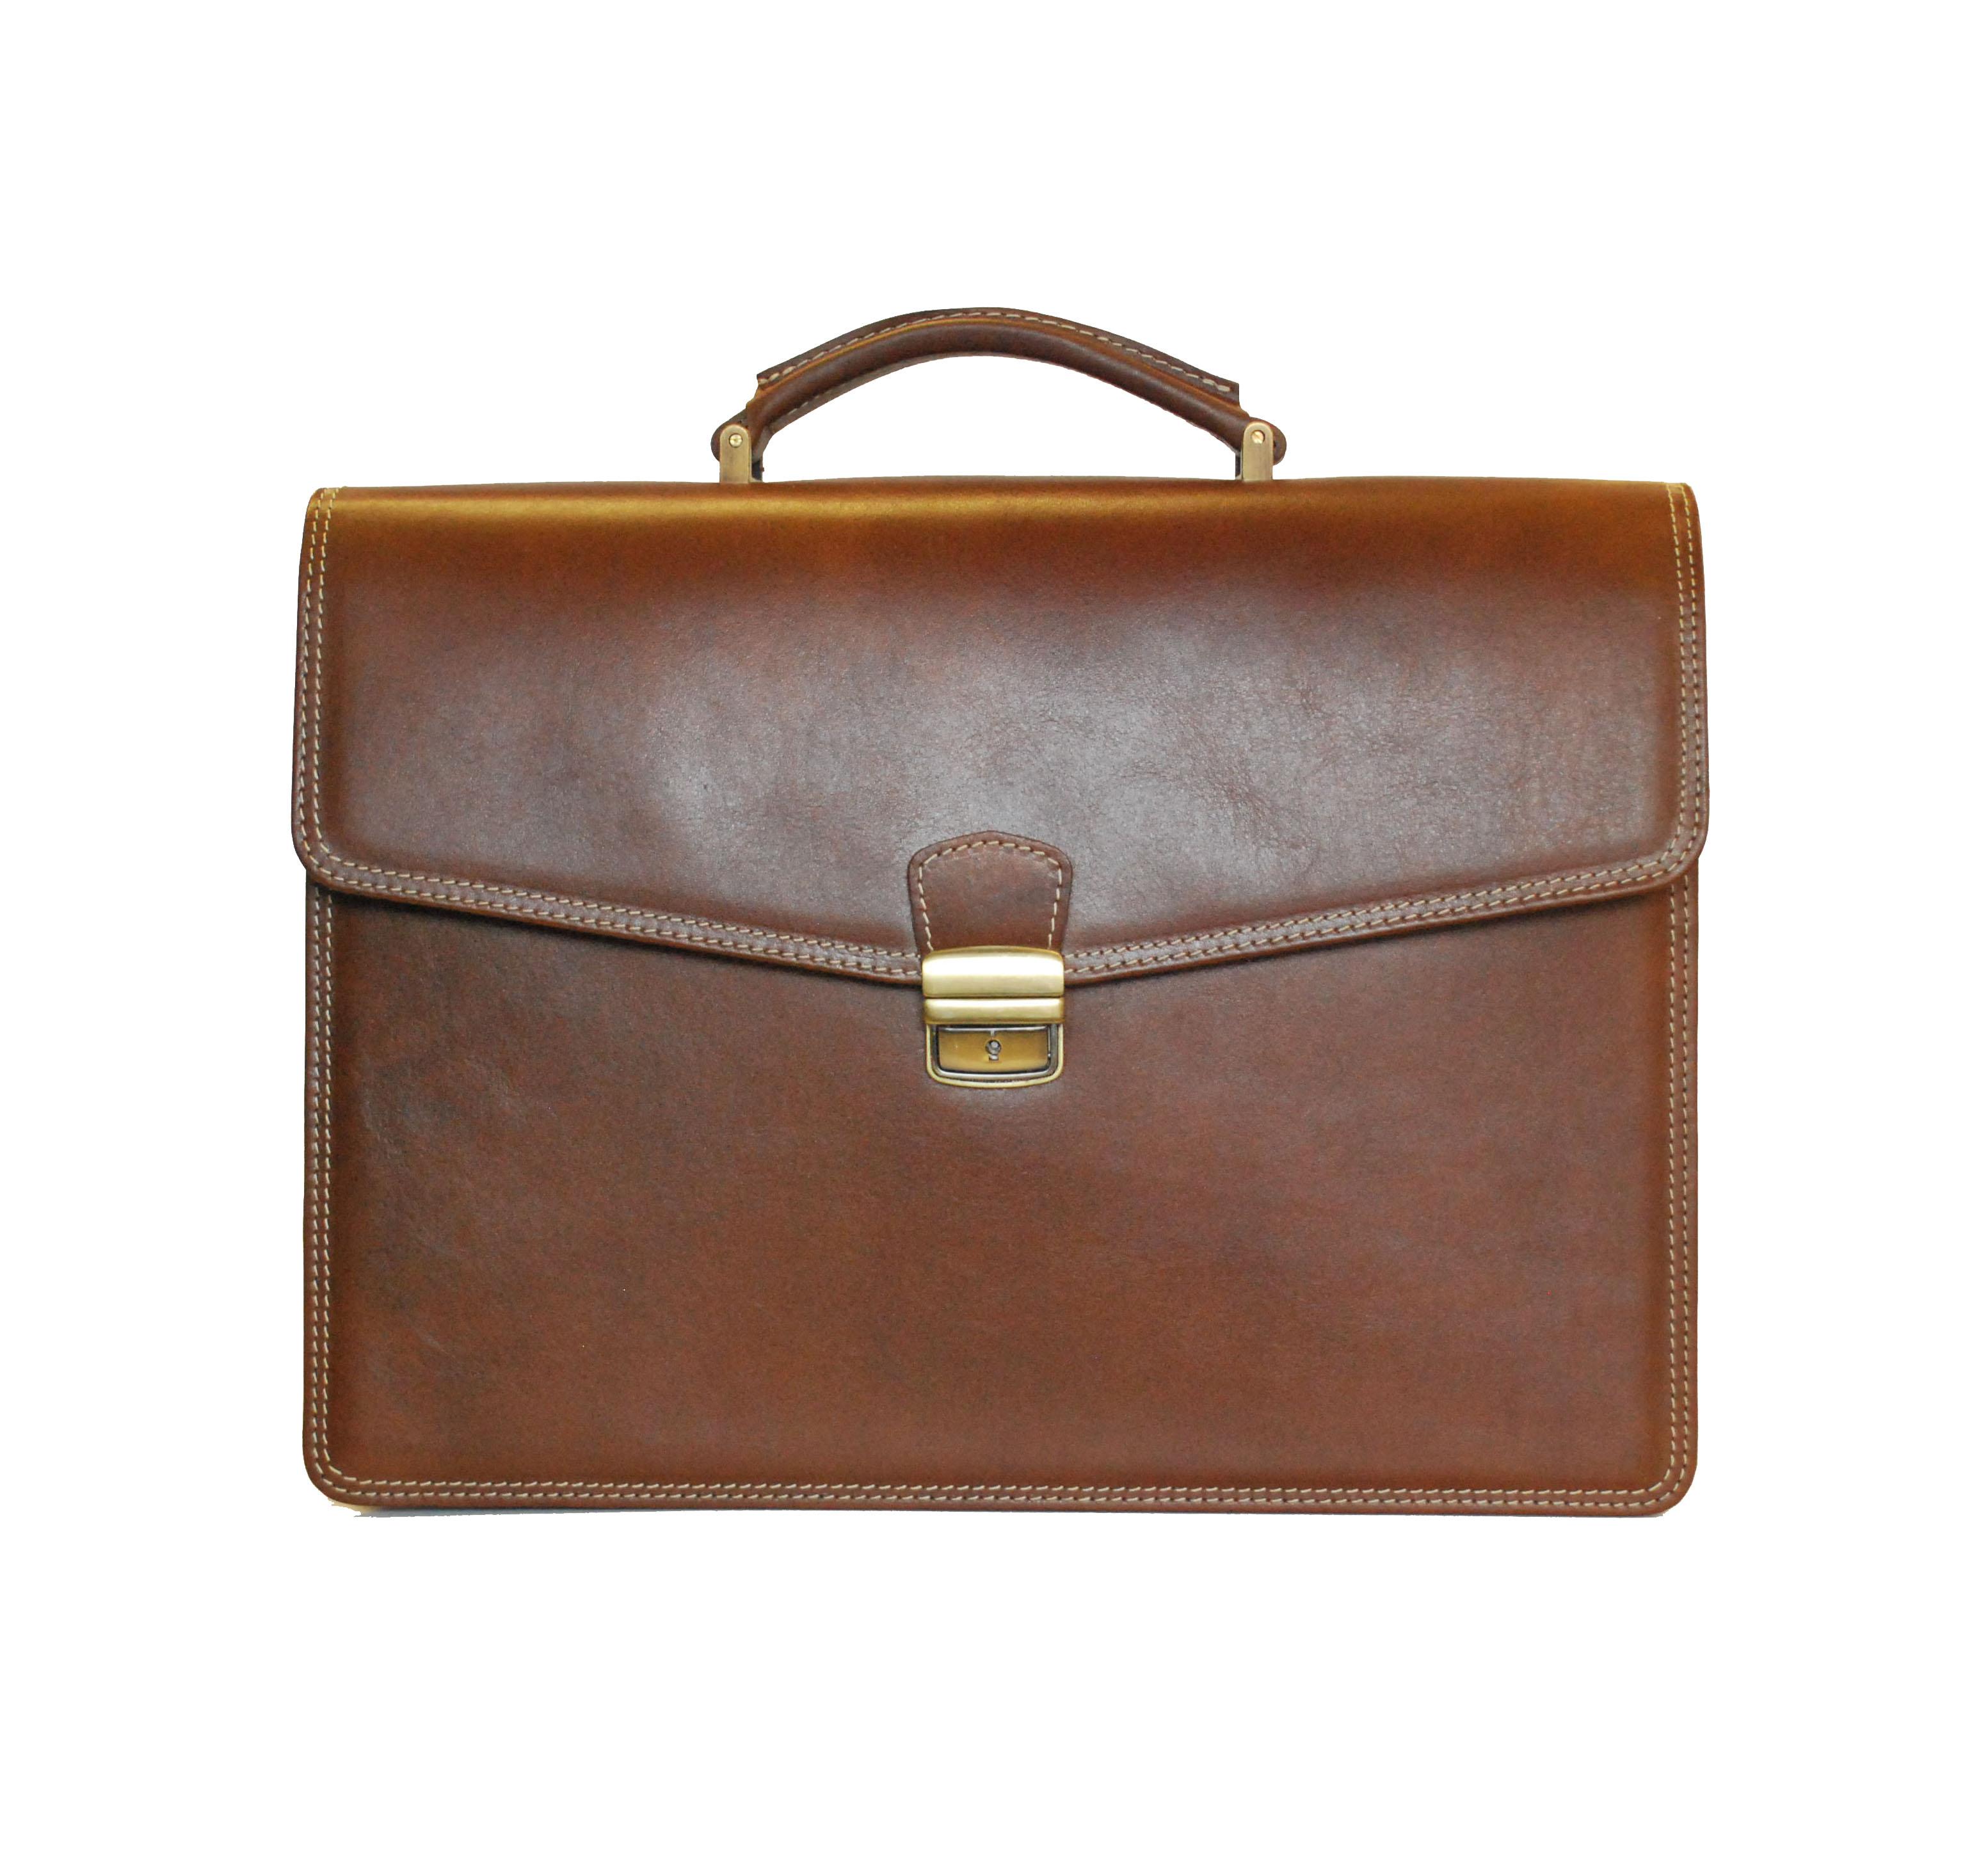 b87e20f1c Luxusná kožená aktovka z kvalitnej a odolnej talianskej kože